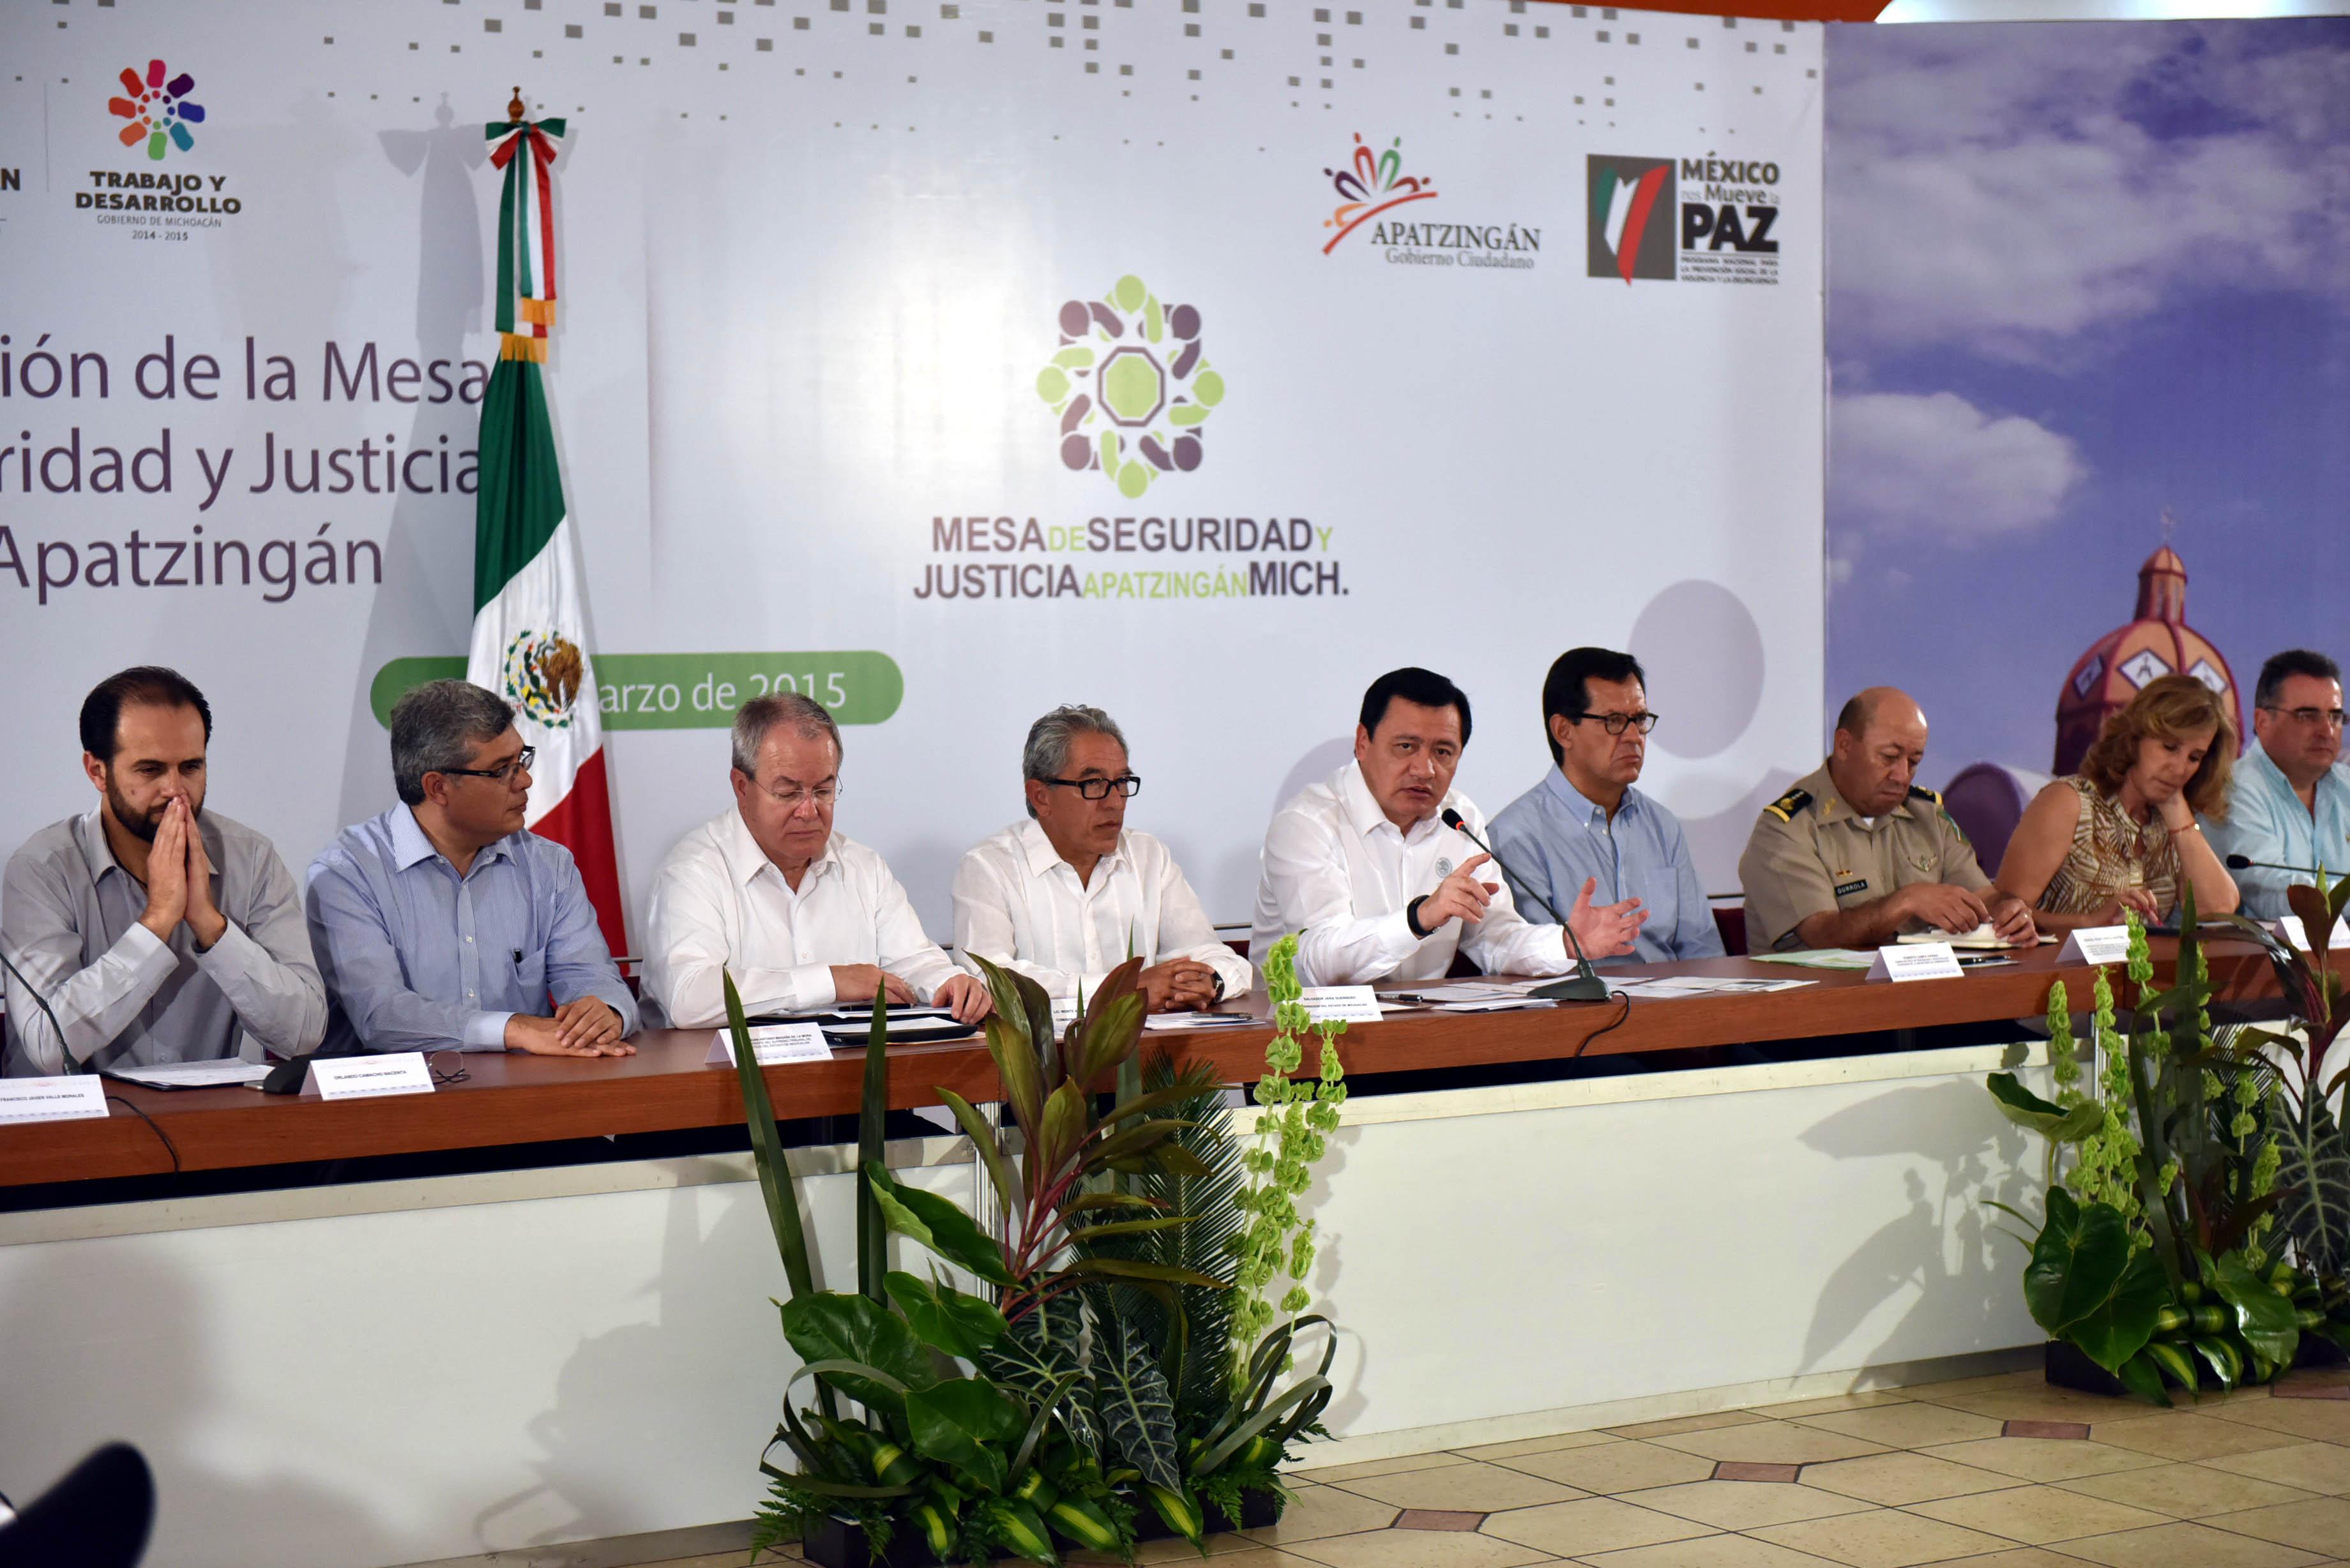 Instalación de la Mesa de Seguridad y Justicia del municipio de Apatzingán, Michoacán